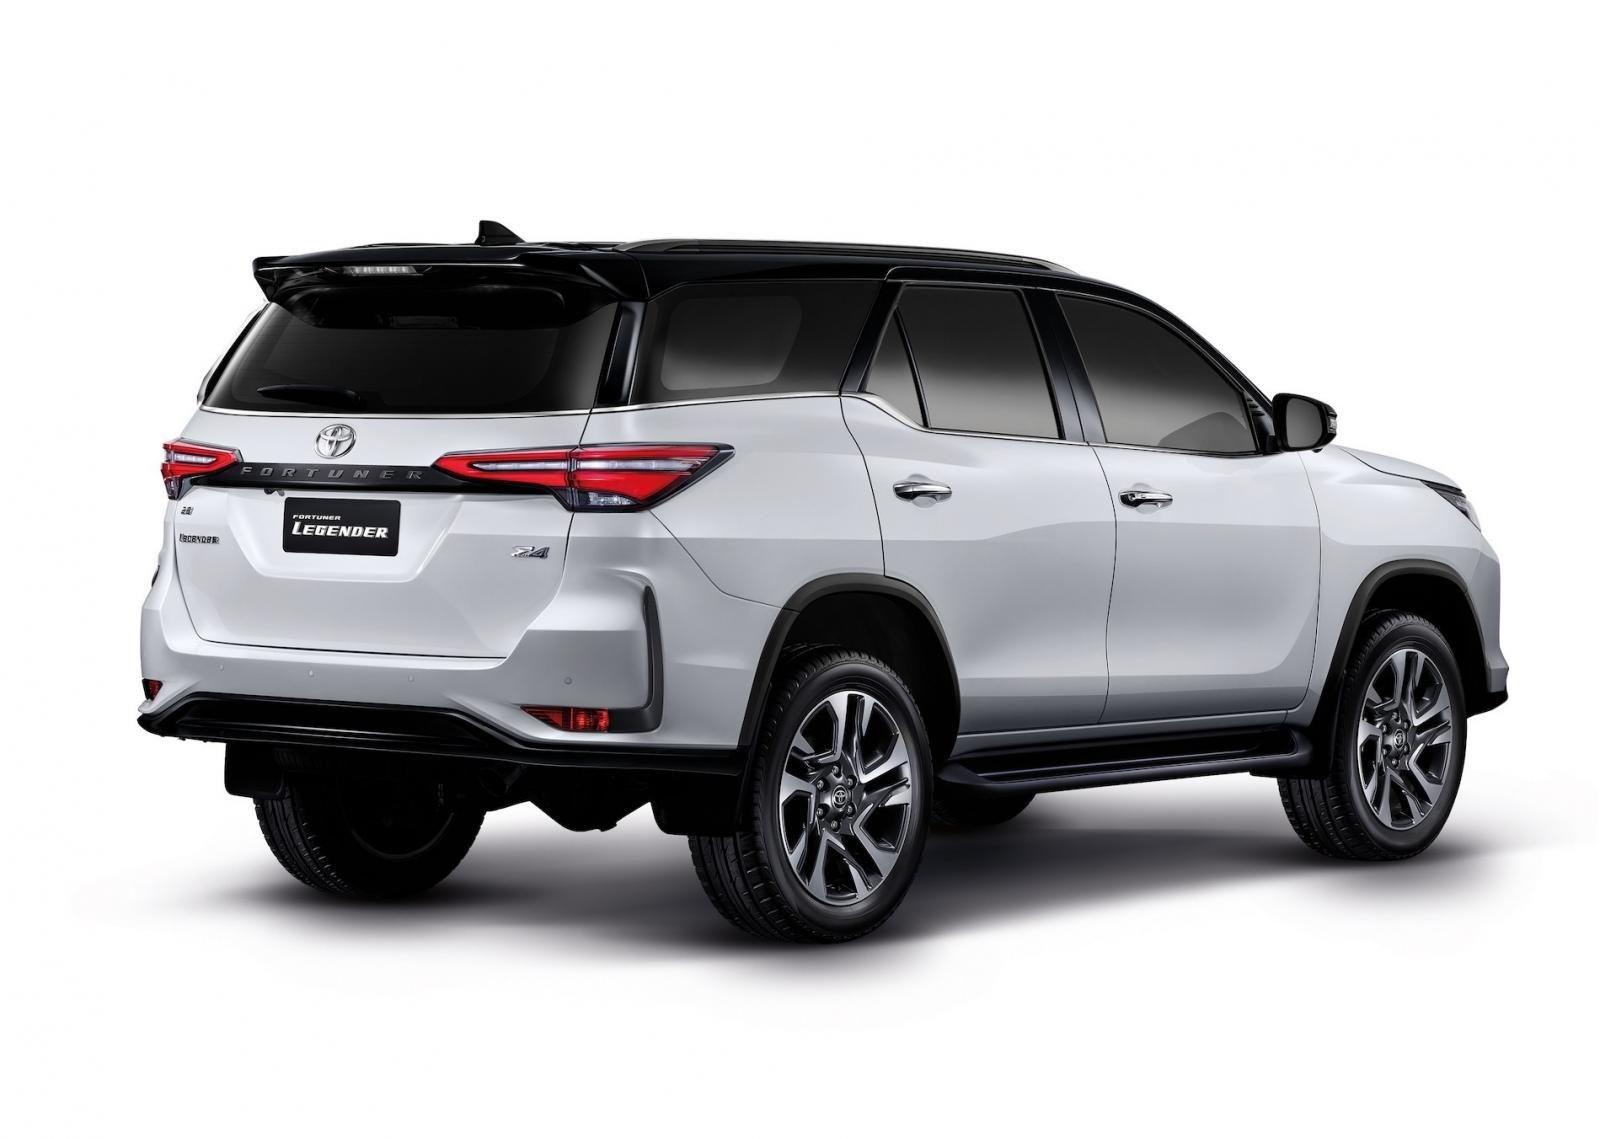 Ảnh chi tiết Toyota Fortuner Legender 2021 hoàn toàn mới vừa mở bán tại Thái Lan a5